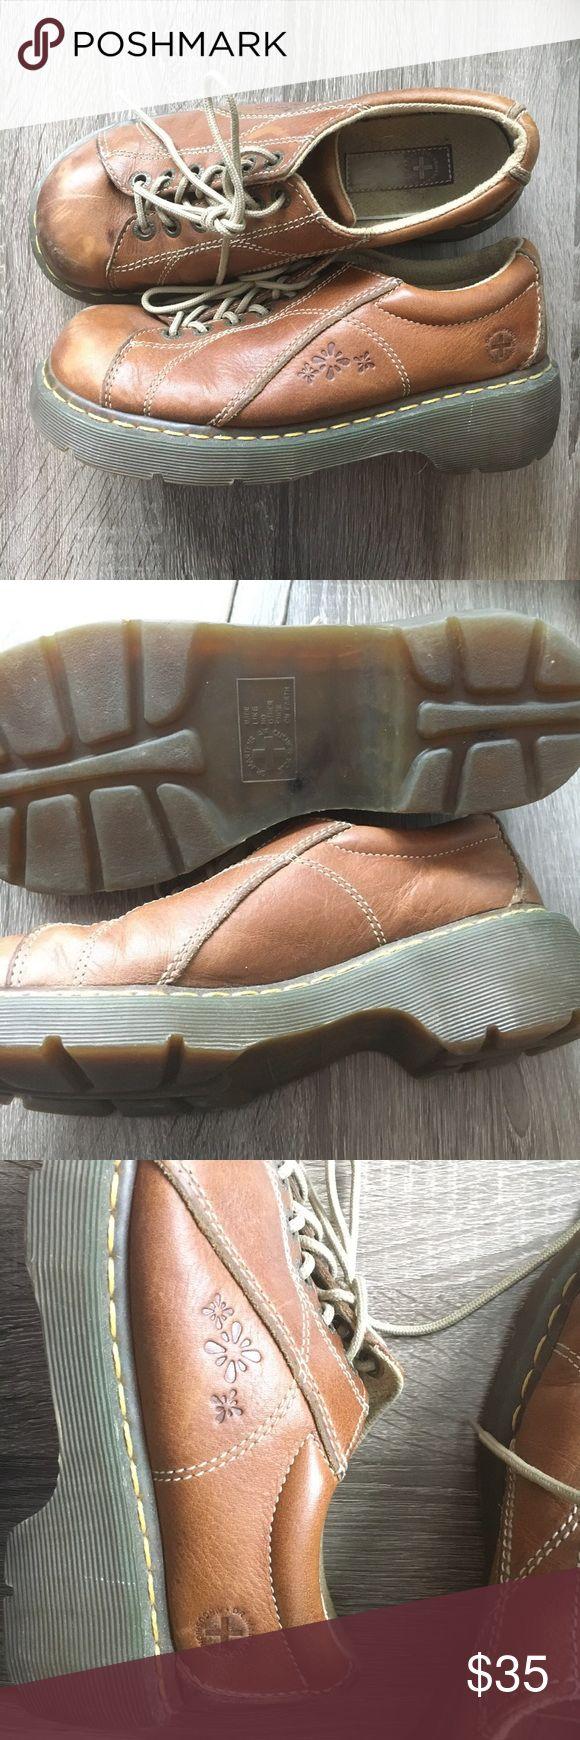 Doc Martens - size 9 - Vintage - floral imprint Vintage dr martens brown leather with floral imprint. Dr. Martens Shoes Lace Up Boots